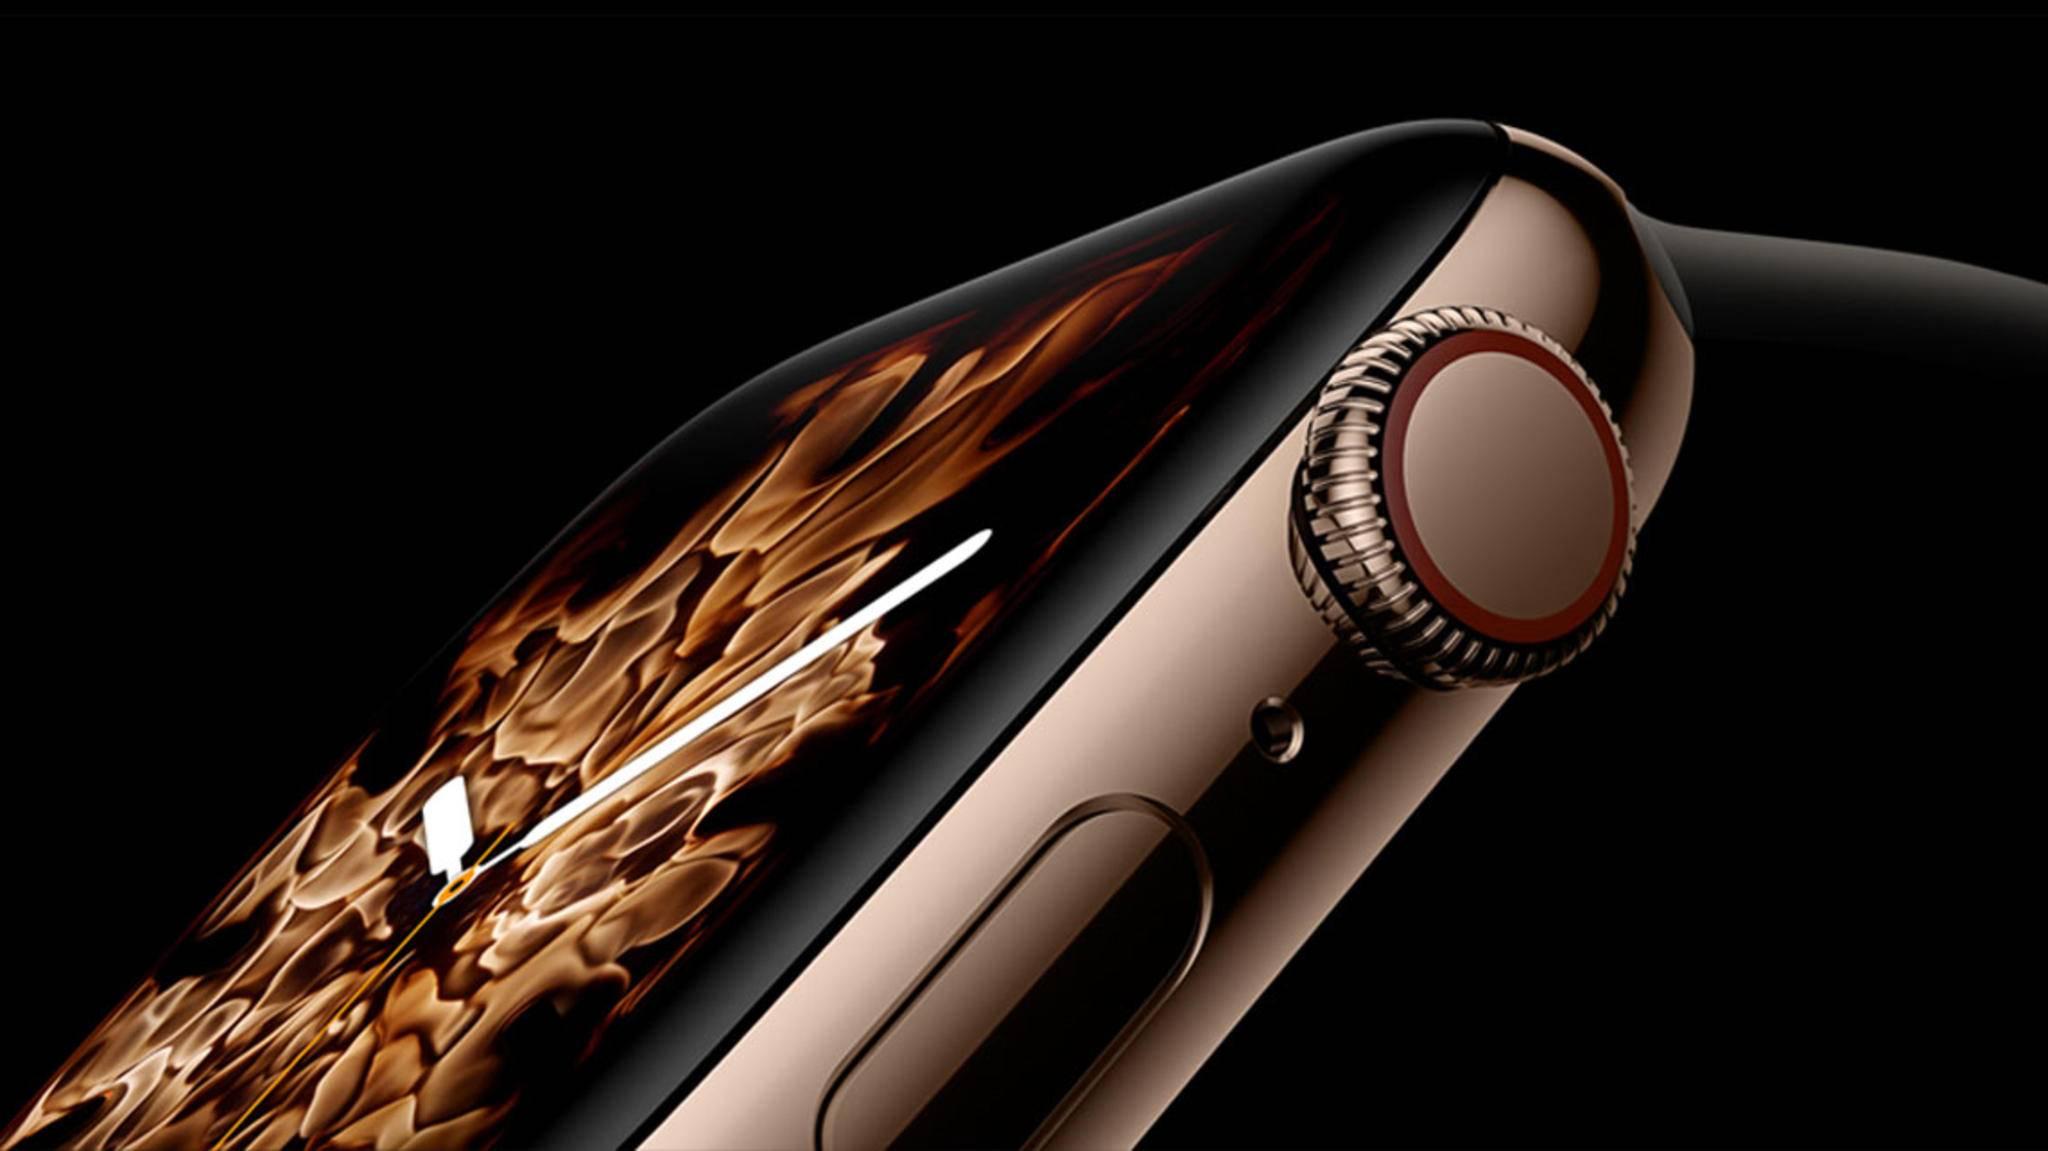 Gute Nacht: Bald könnte sich mit der Apple Watch der Schlaf tracken lassen.